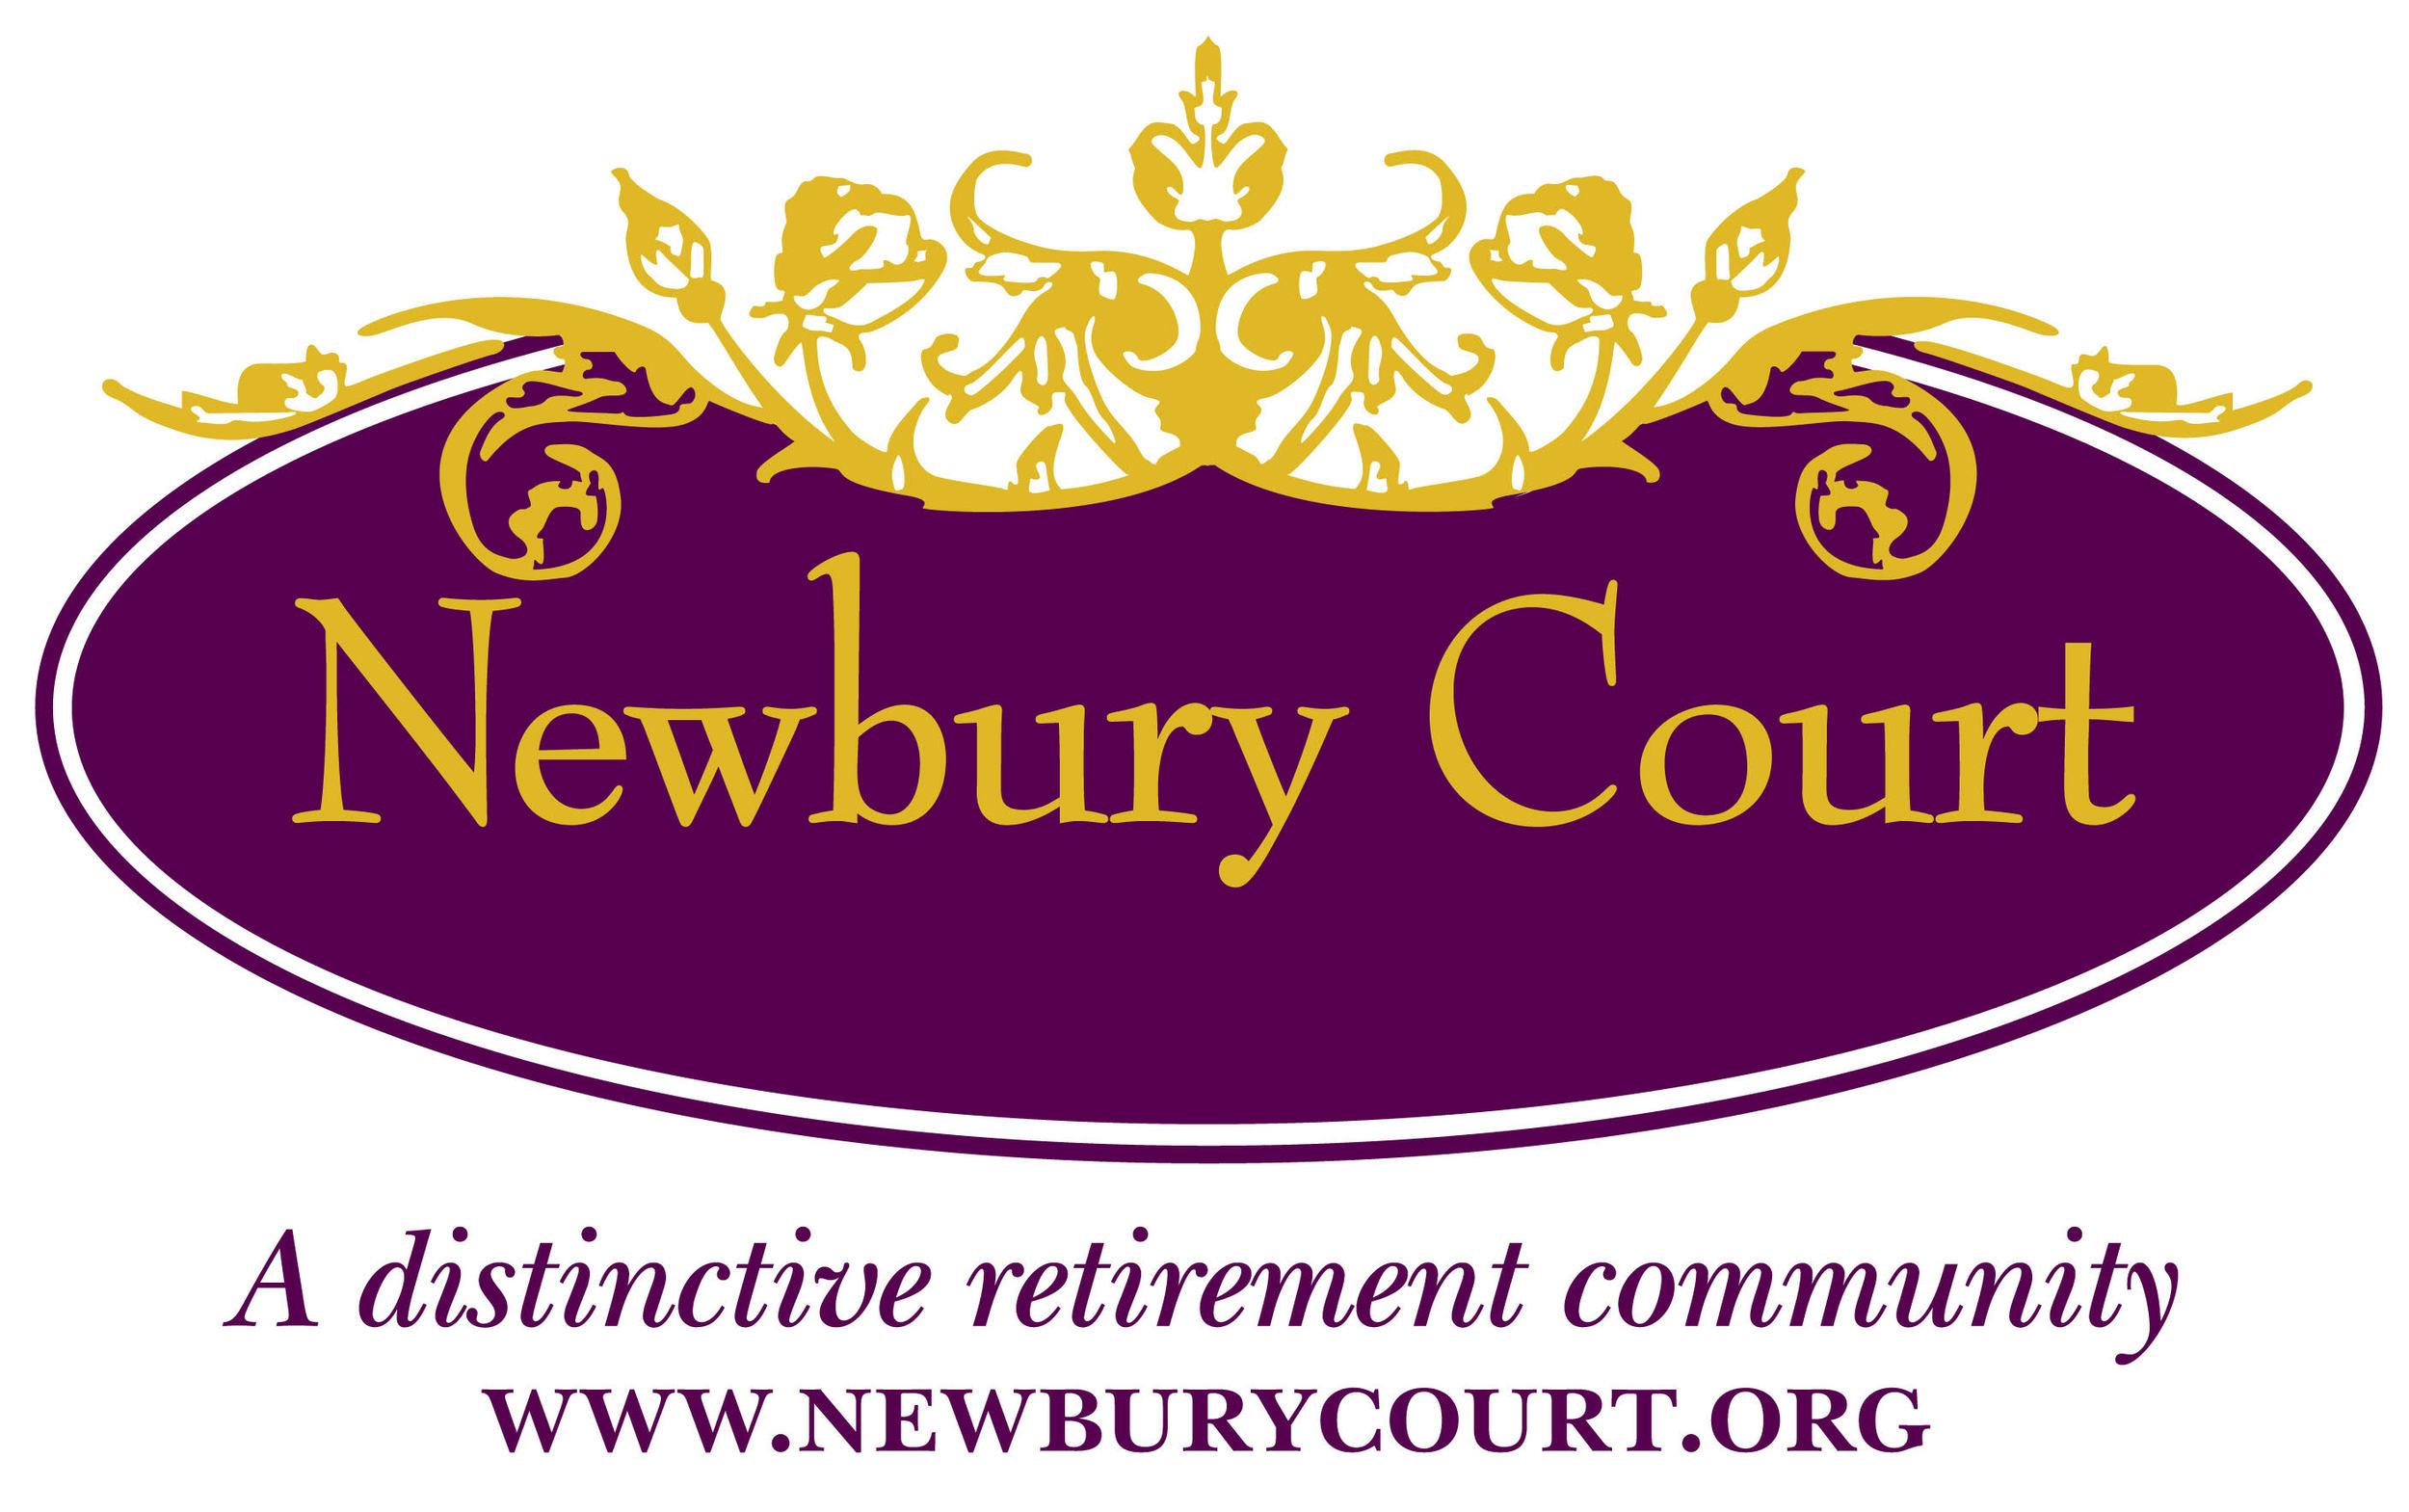 newbury court.jpg